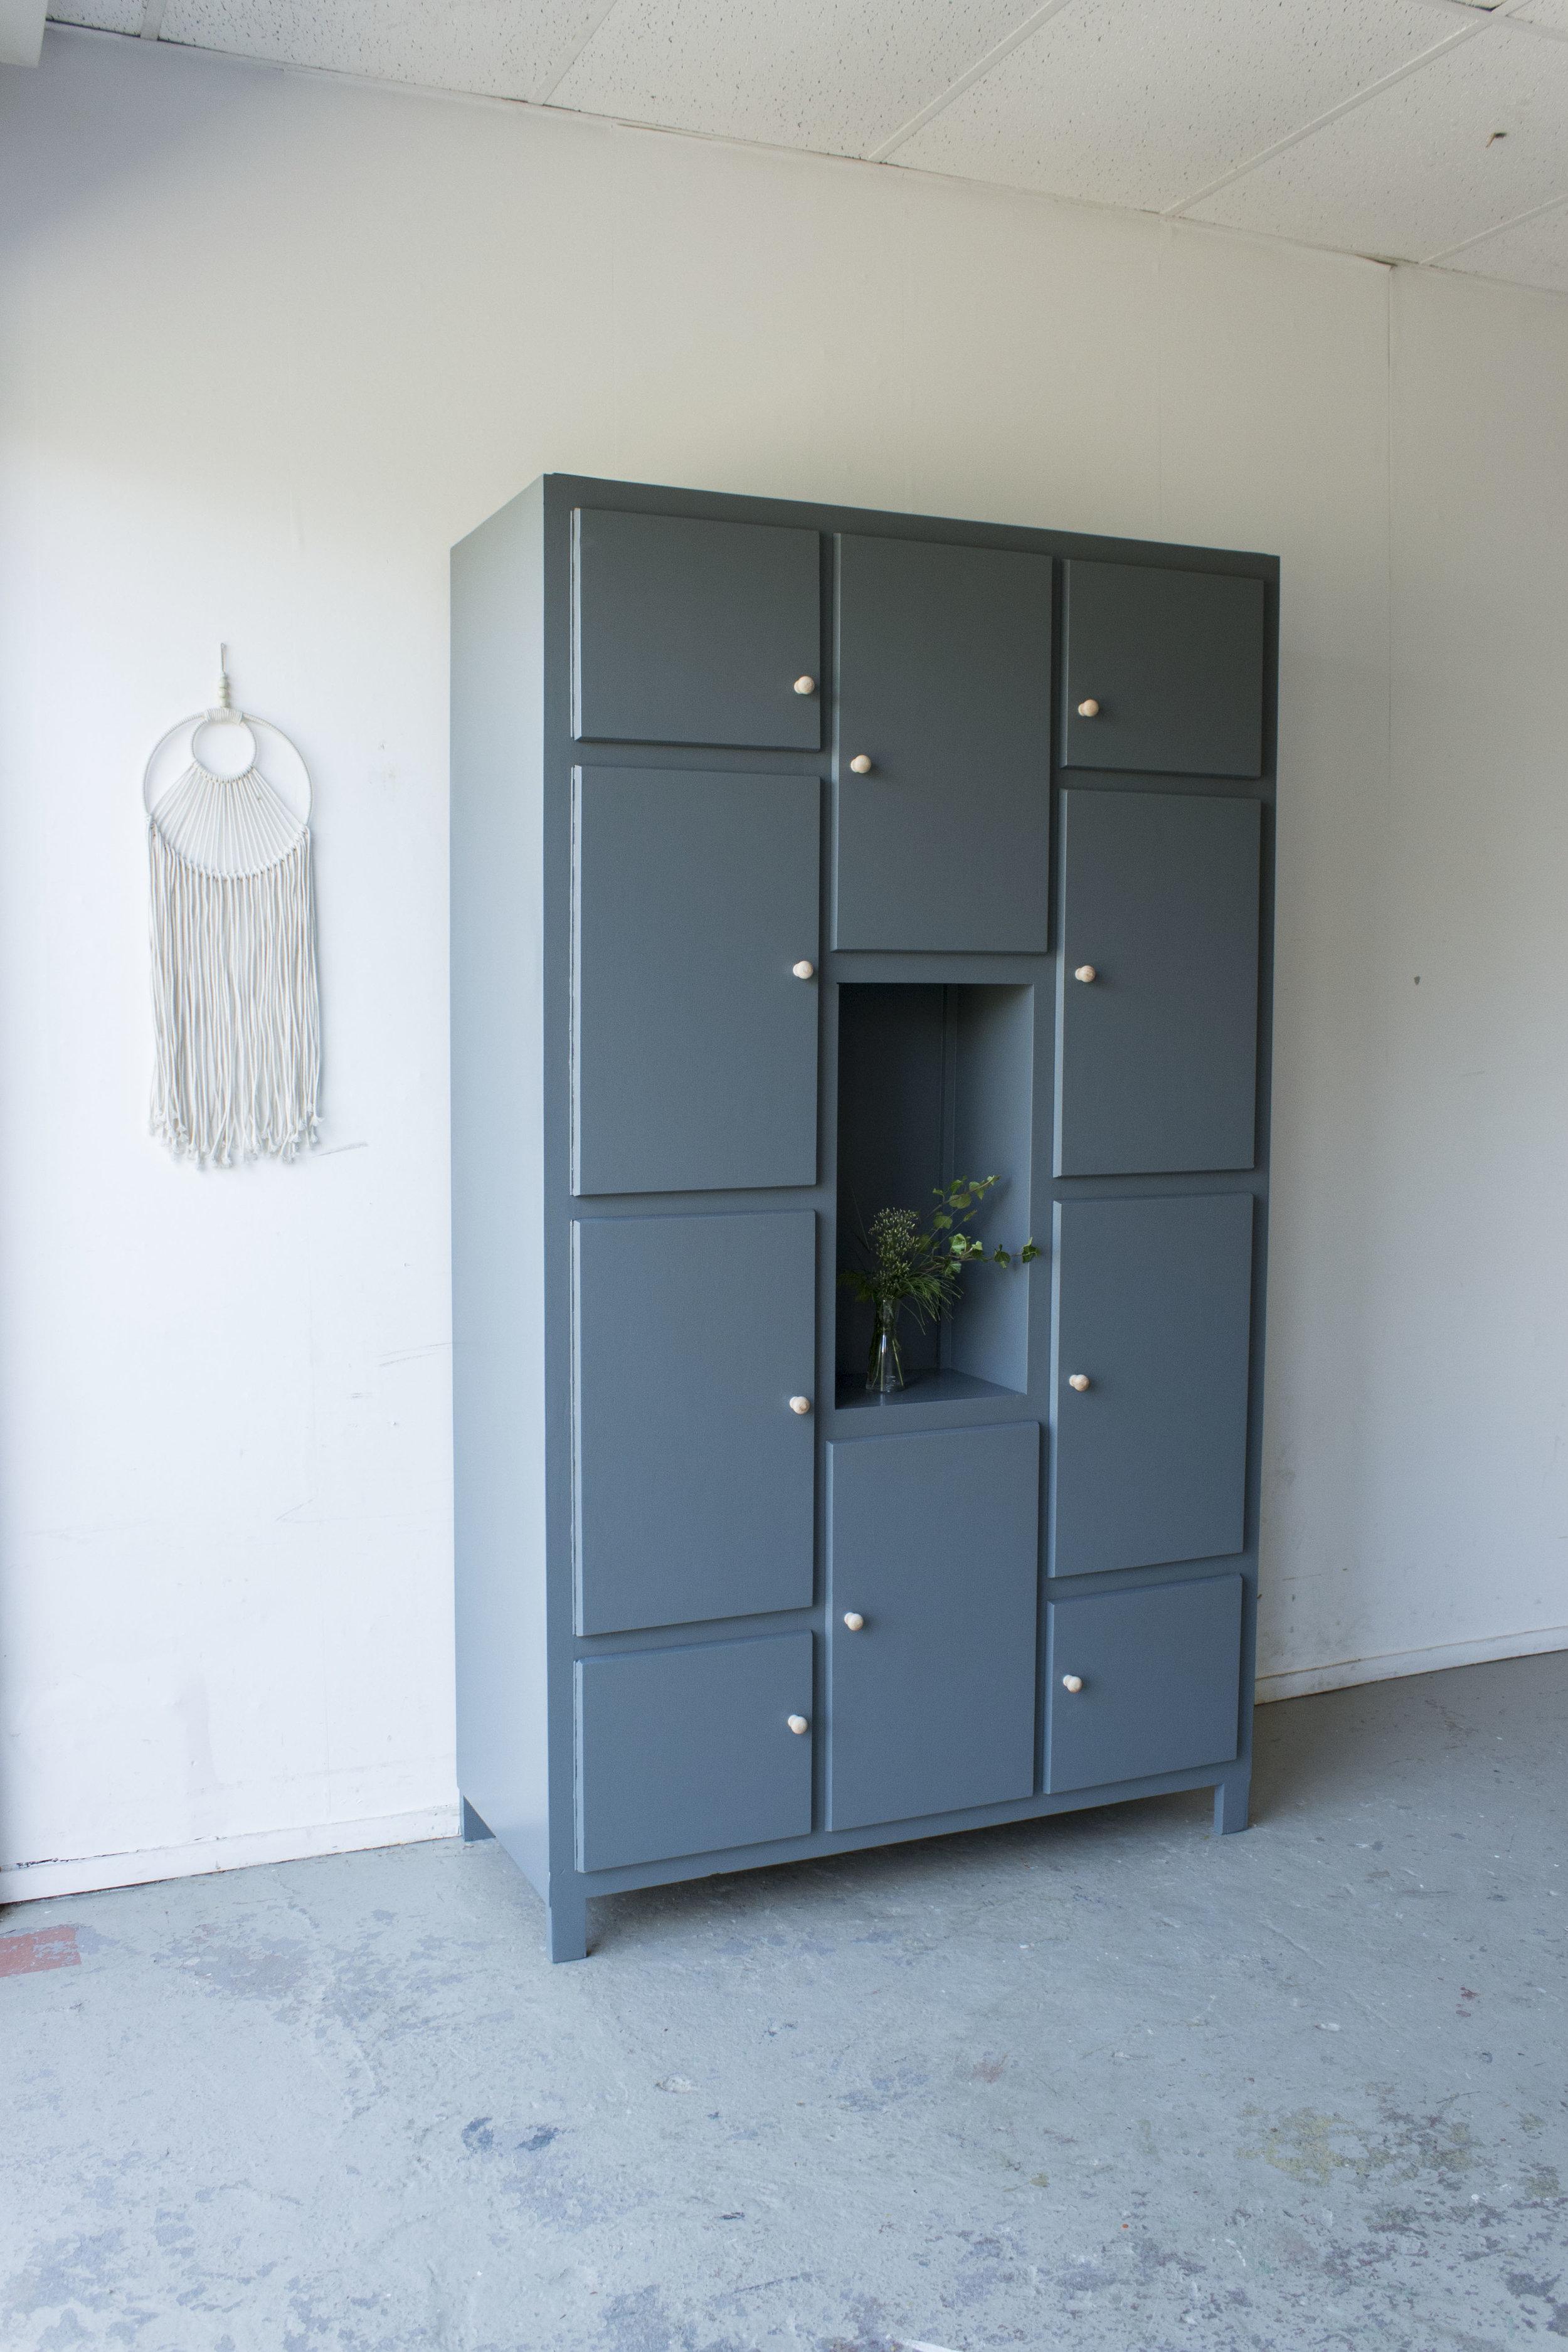 Grote kiezelkast met deurtjes -  Firma zoethout_6.jpg